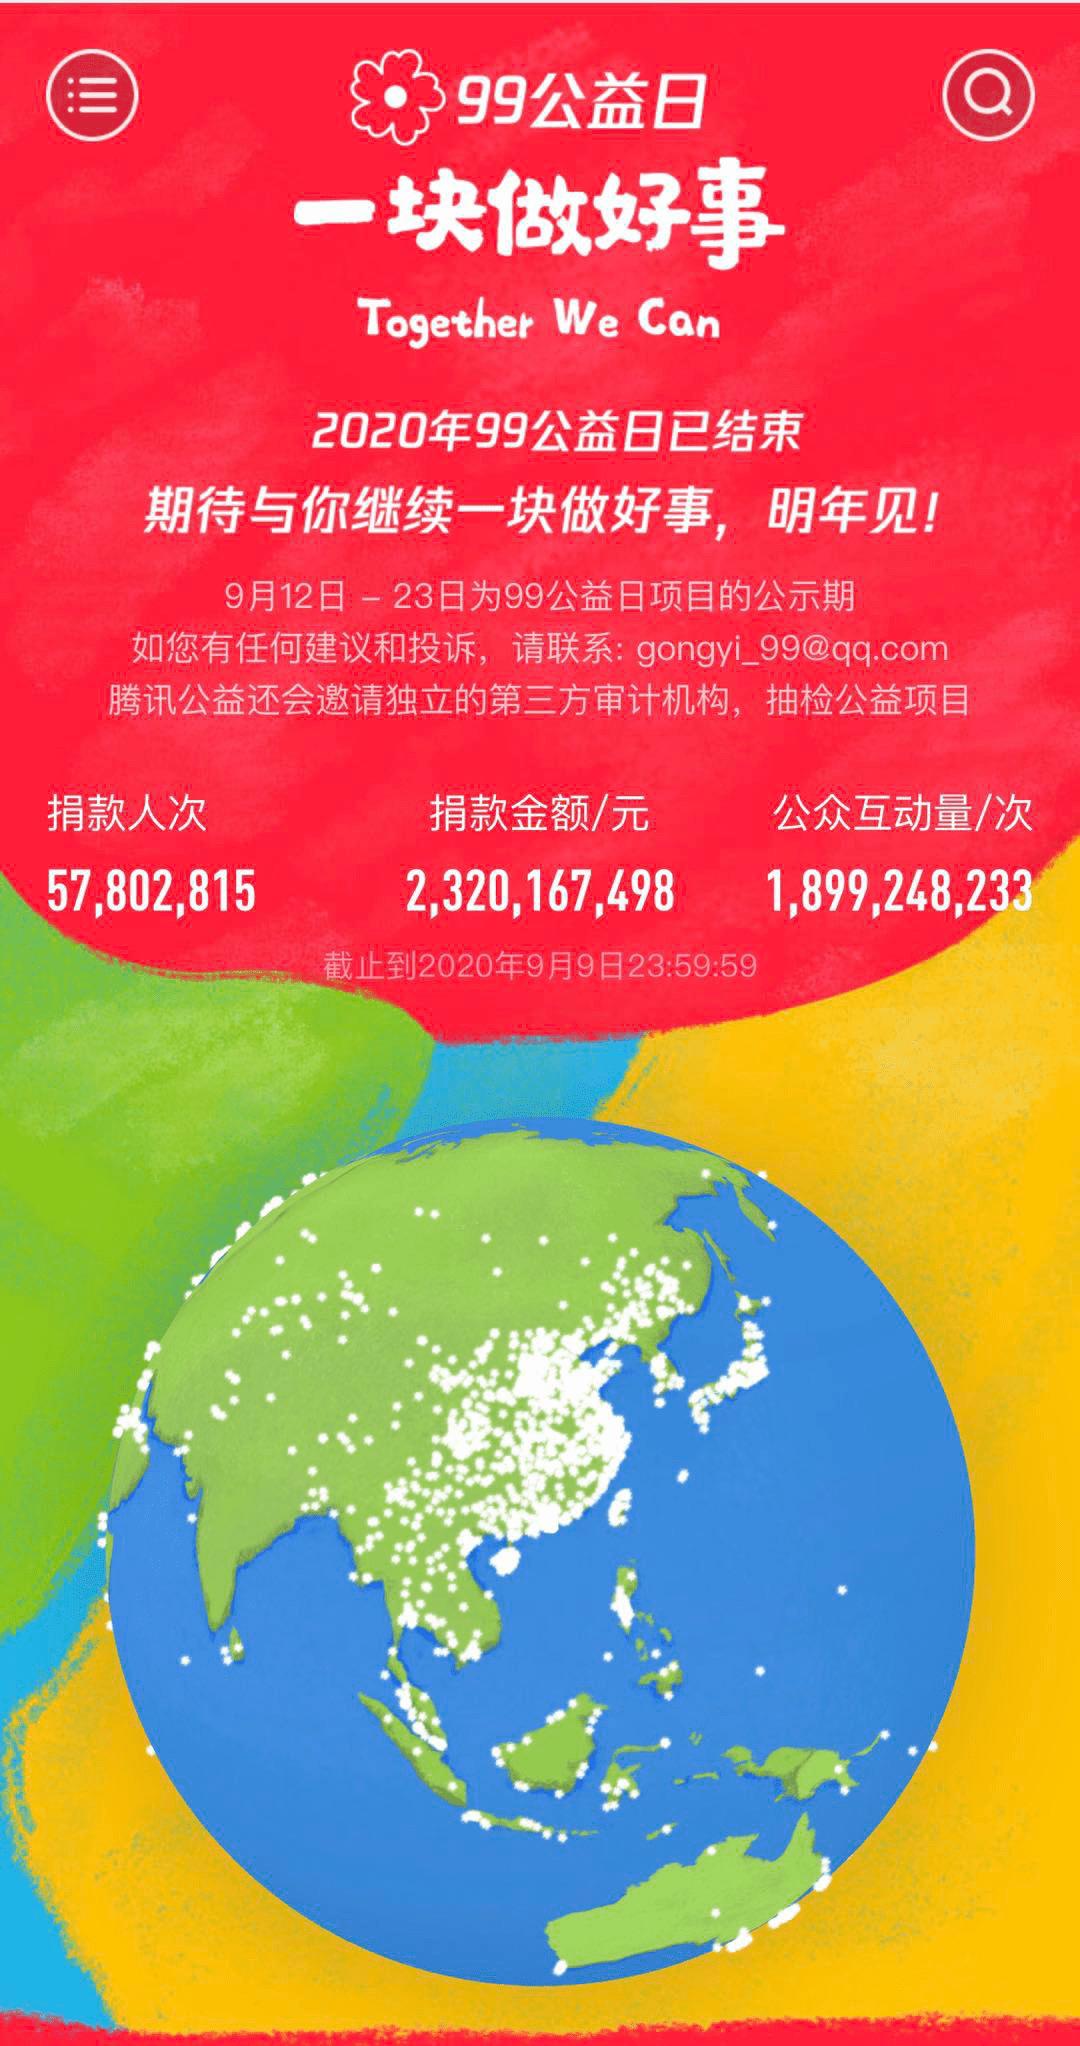 """18.99亿人次参与公益互动,2020年99公益日让善意持续""""破圈"""""""